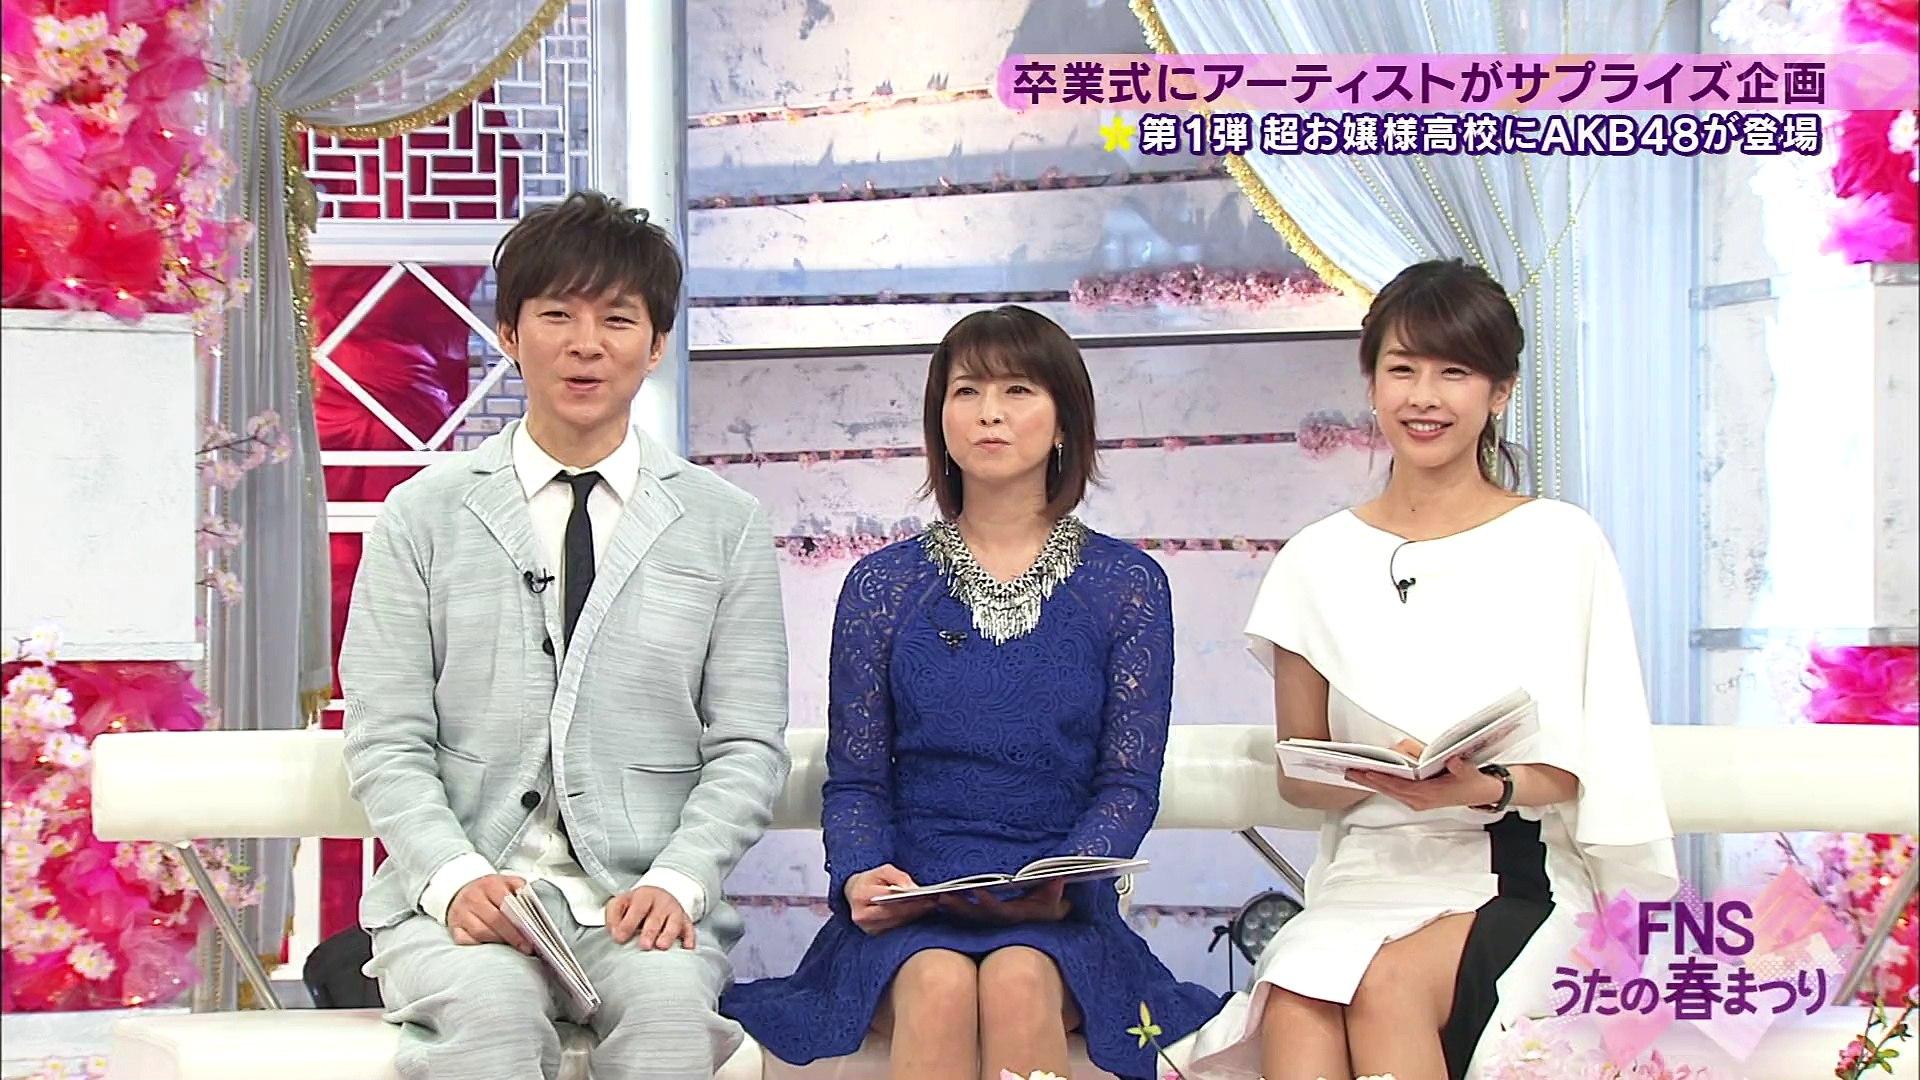 AKB48 - FNSうたの春まつり【桜、卒業、旅立ち 春の名曲100& ...